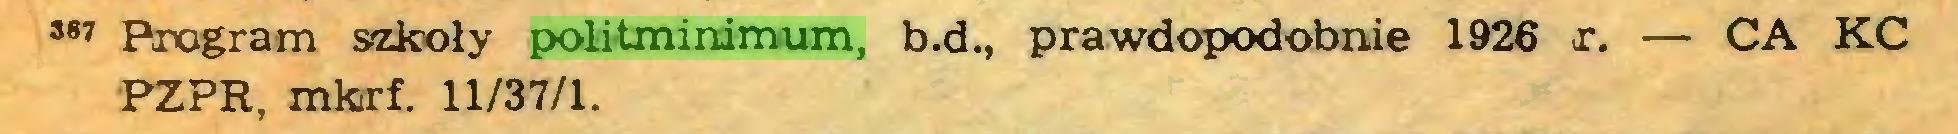 (...) 387 Program szkoły politminimum, b.d., prawdopodobnie 1926 x. — CA KC PZPR, mkirf. 11/37/1...